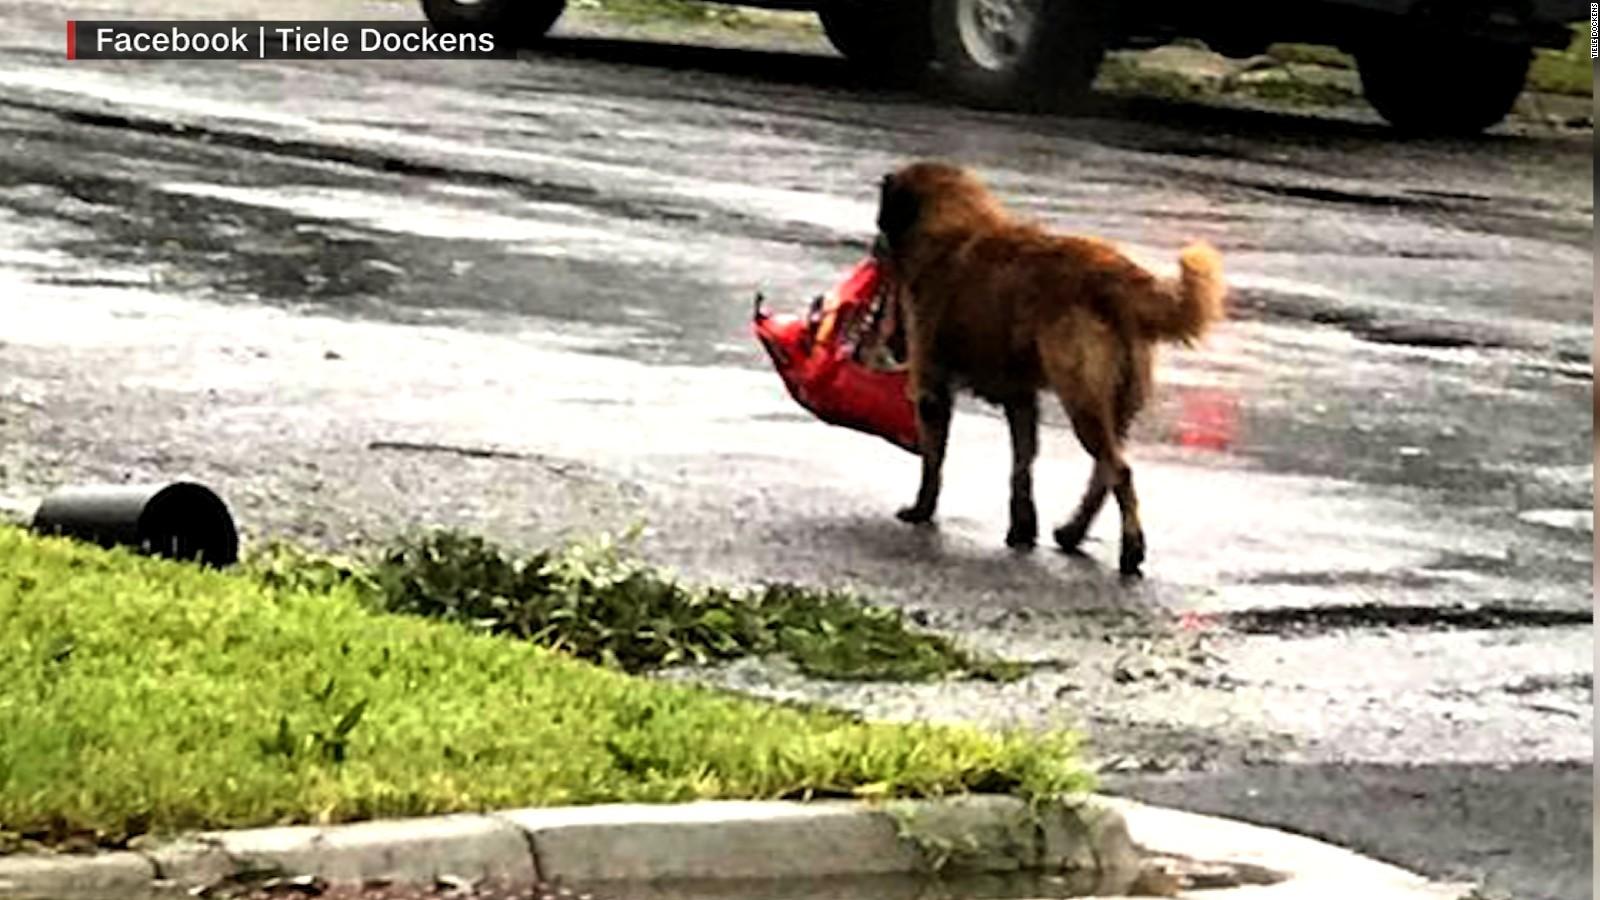 https://i1.wp.com/cdn.cnn.com/cnnnext/dam/assets/170828202247-otis-dog-hurricane-harvey-viral-picture-ebof-00004503-full-169.jpg